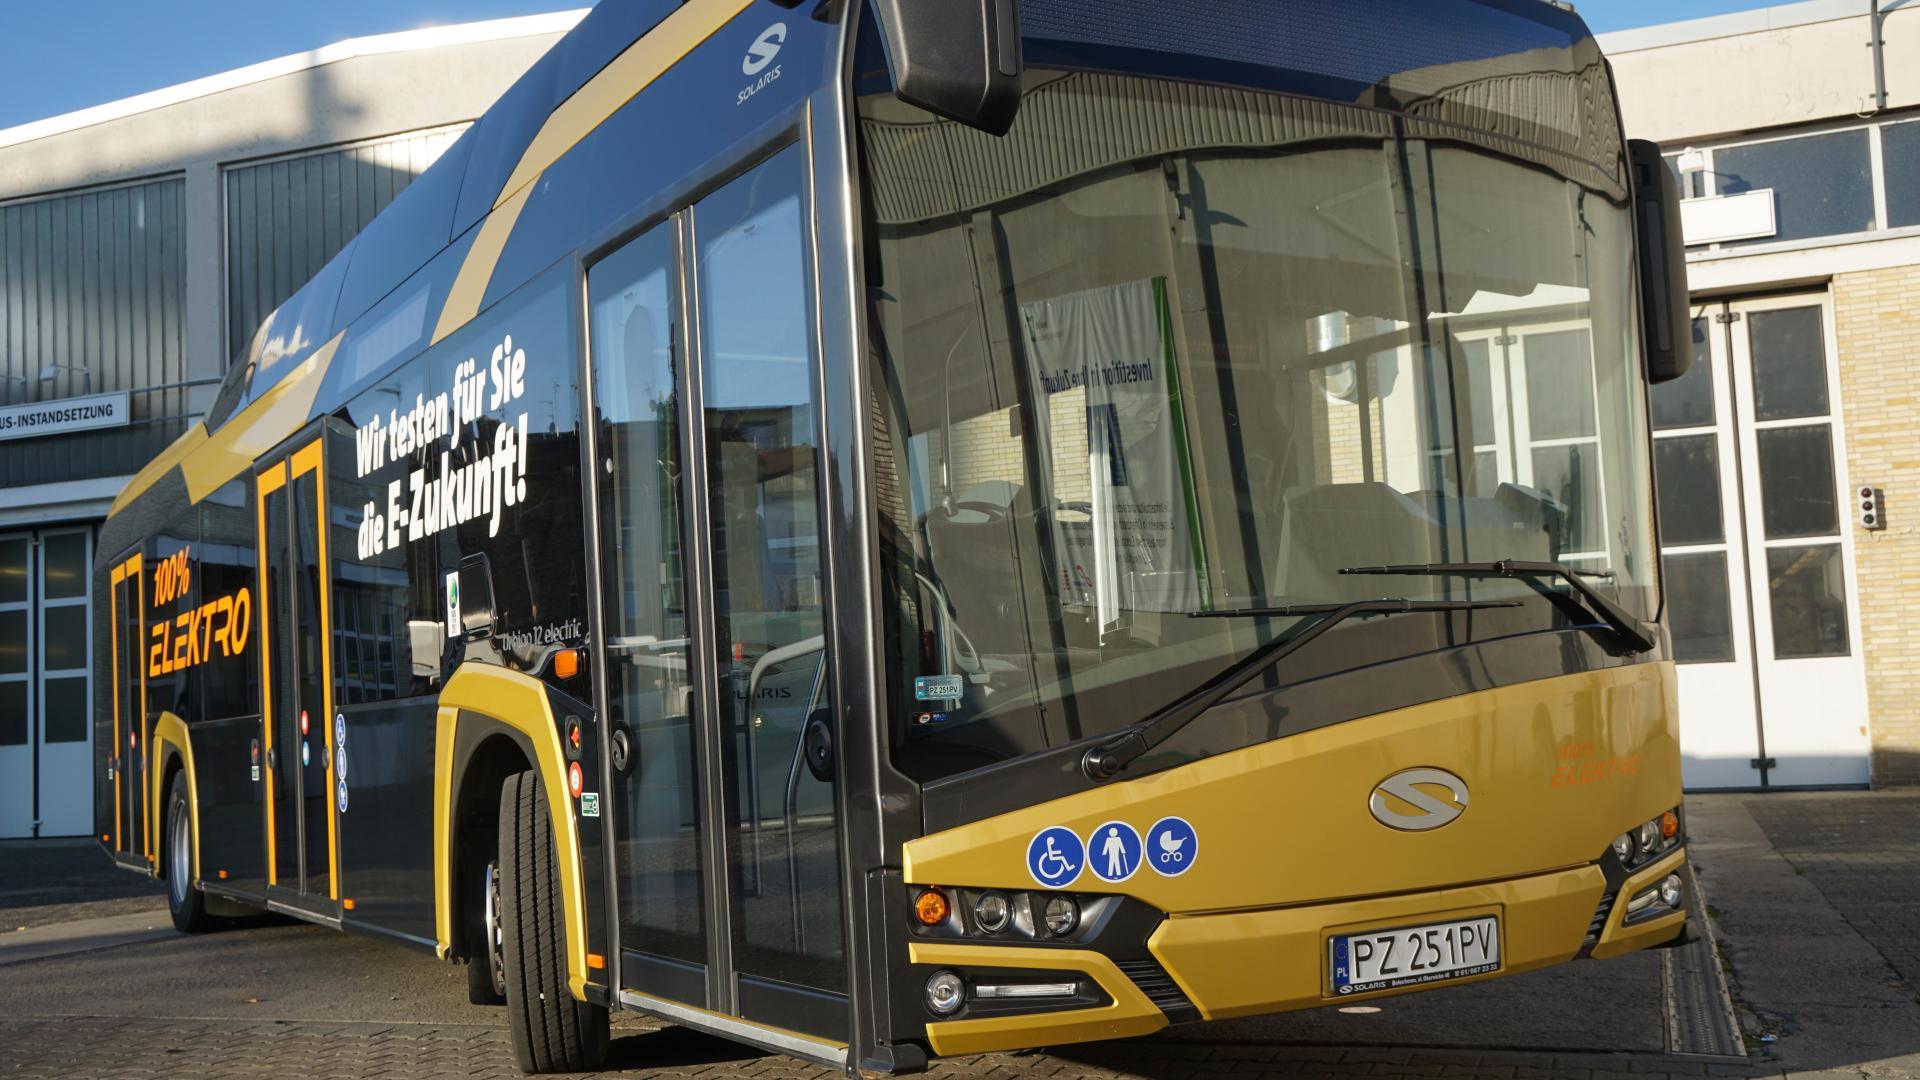 """Offenbach: """"E-Busse bezüglich Luftreinhaltung und Lärmreduzierung ein großer Fortschritt"""""""